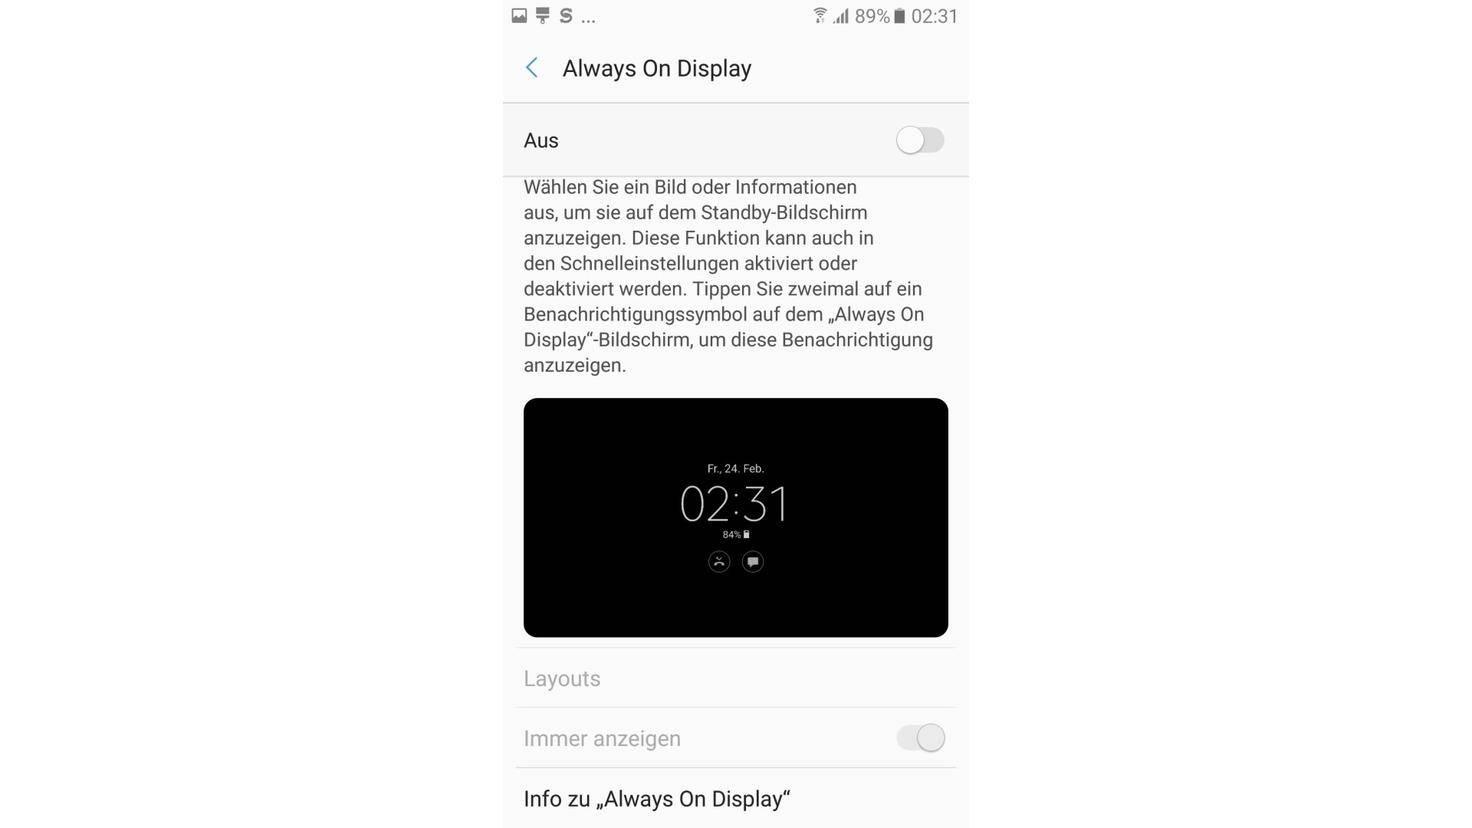 Always On Display Galaxy S5 2017 Screenshot